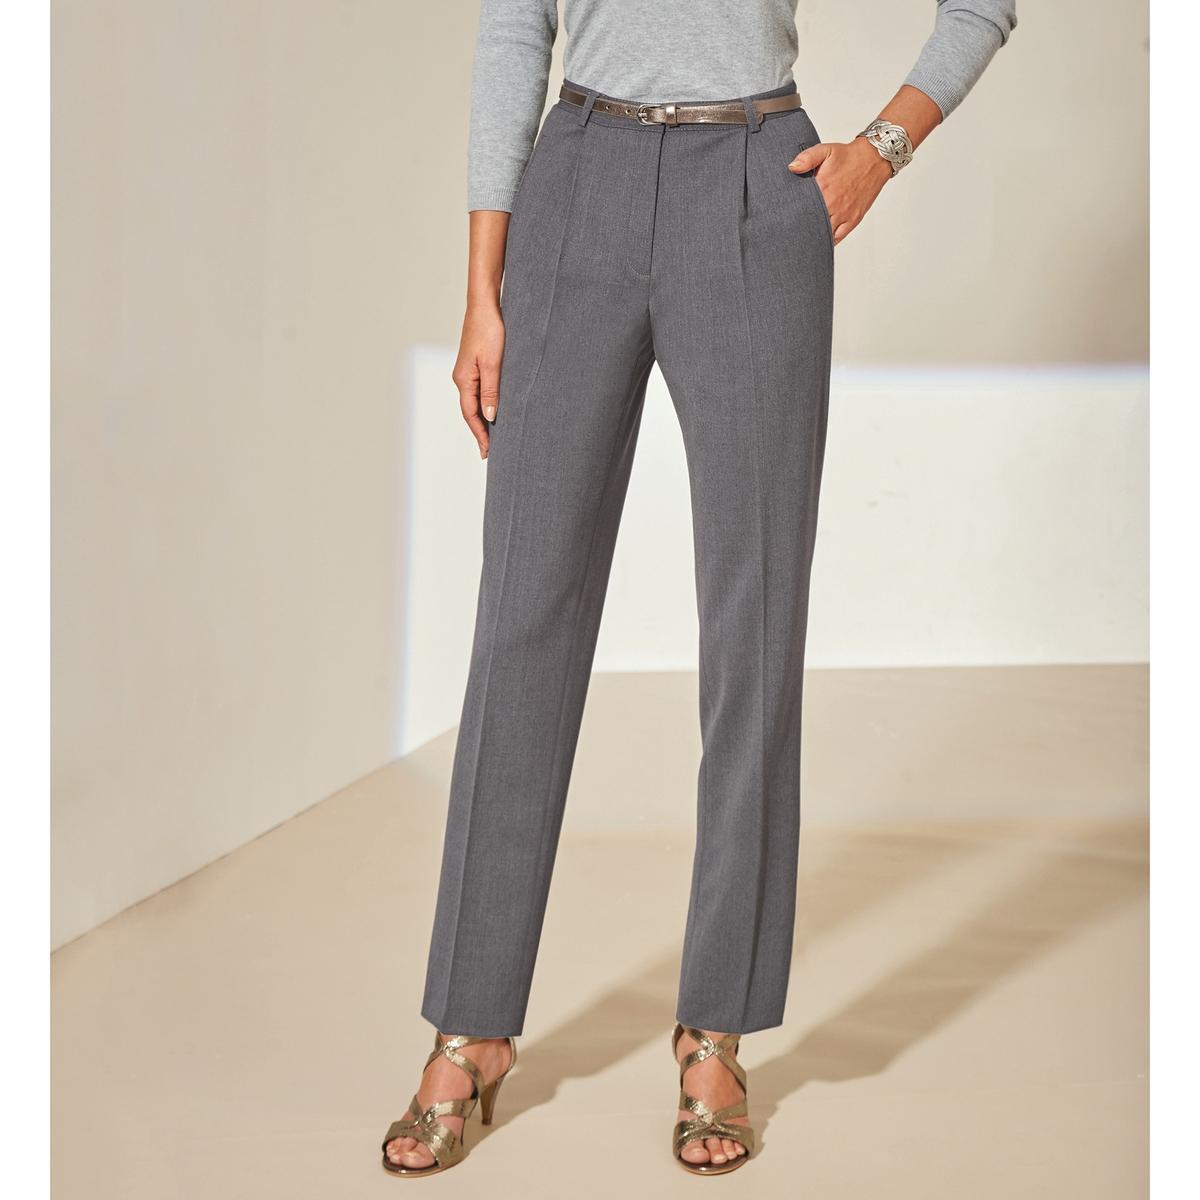 Imagen adicional 3 de producto de Pantalón recto - Anne weyburn